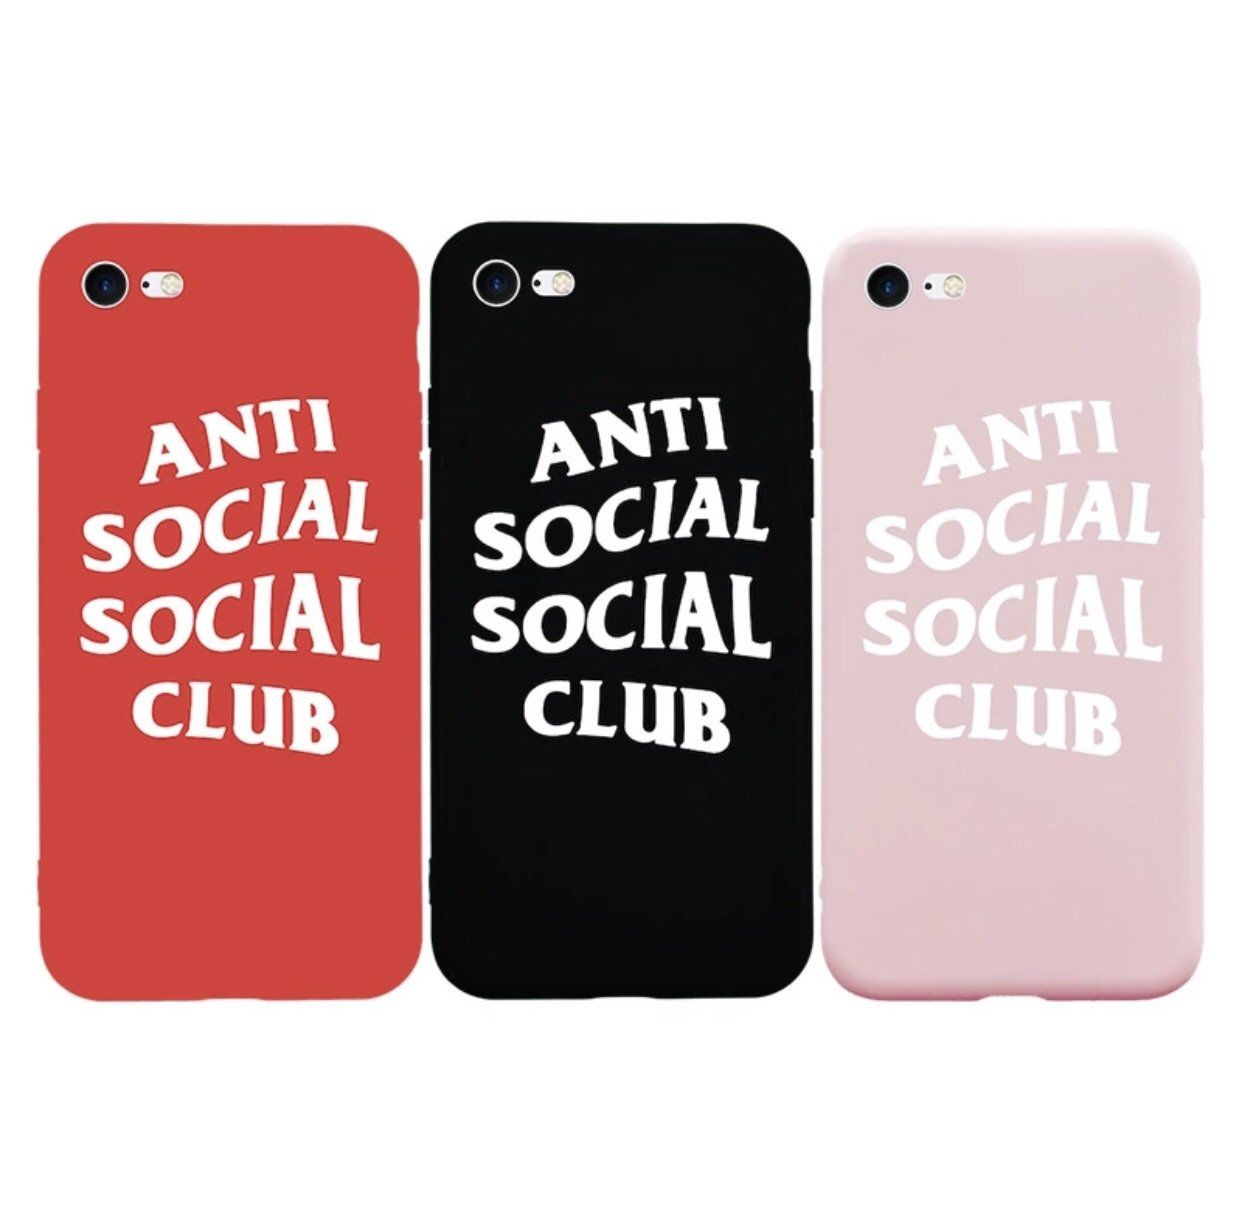 f83590efdc7c ANTI SOCIAL SOCIAL CLUB Anti Social Social Club